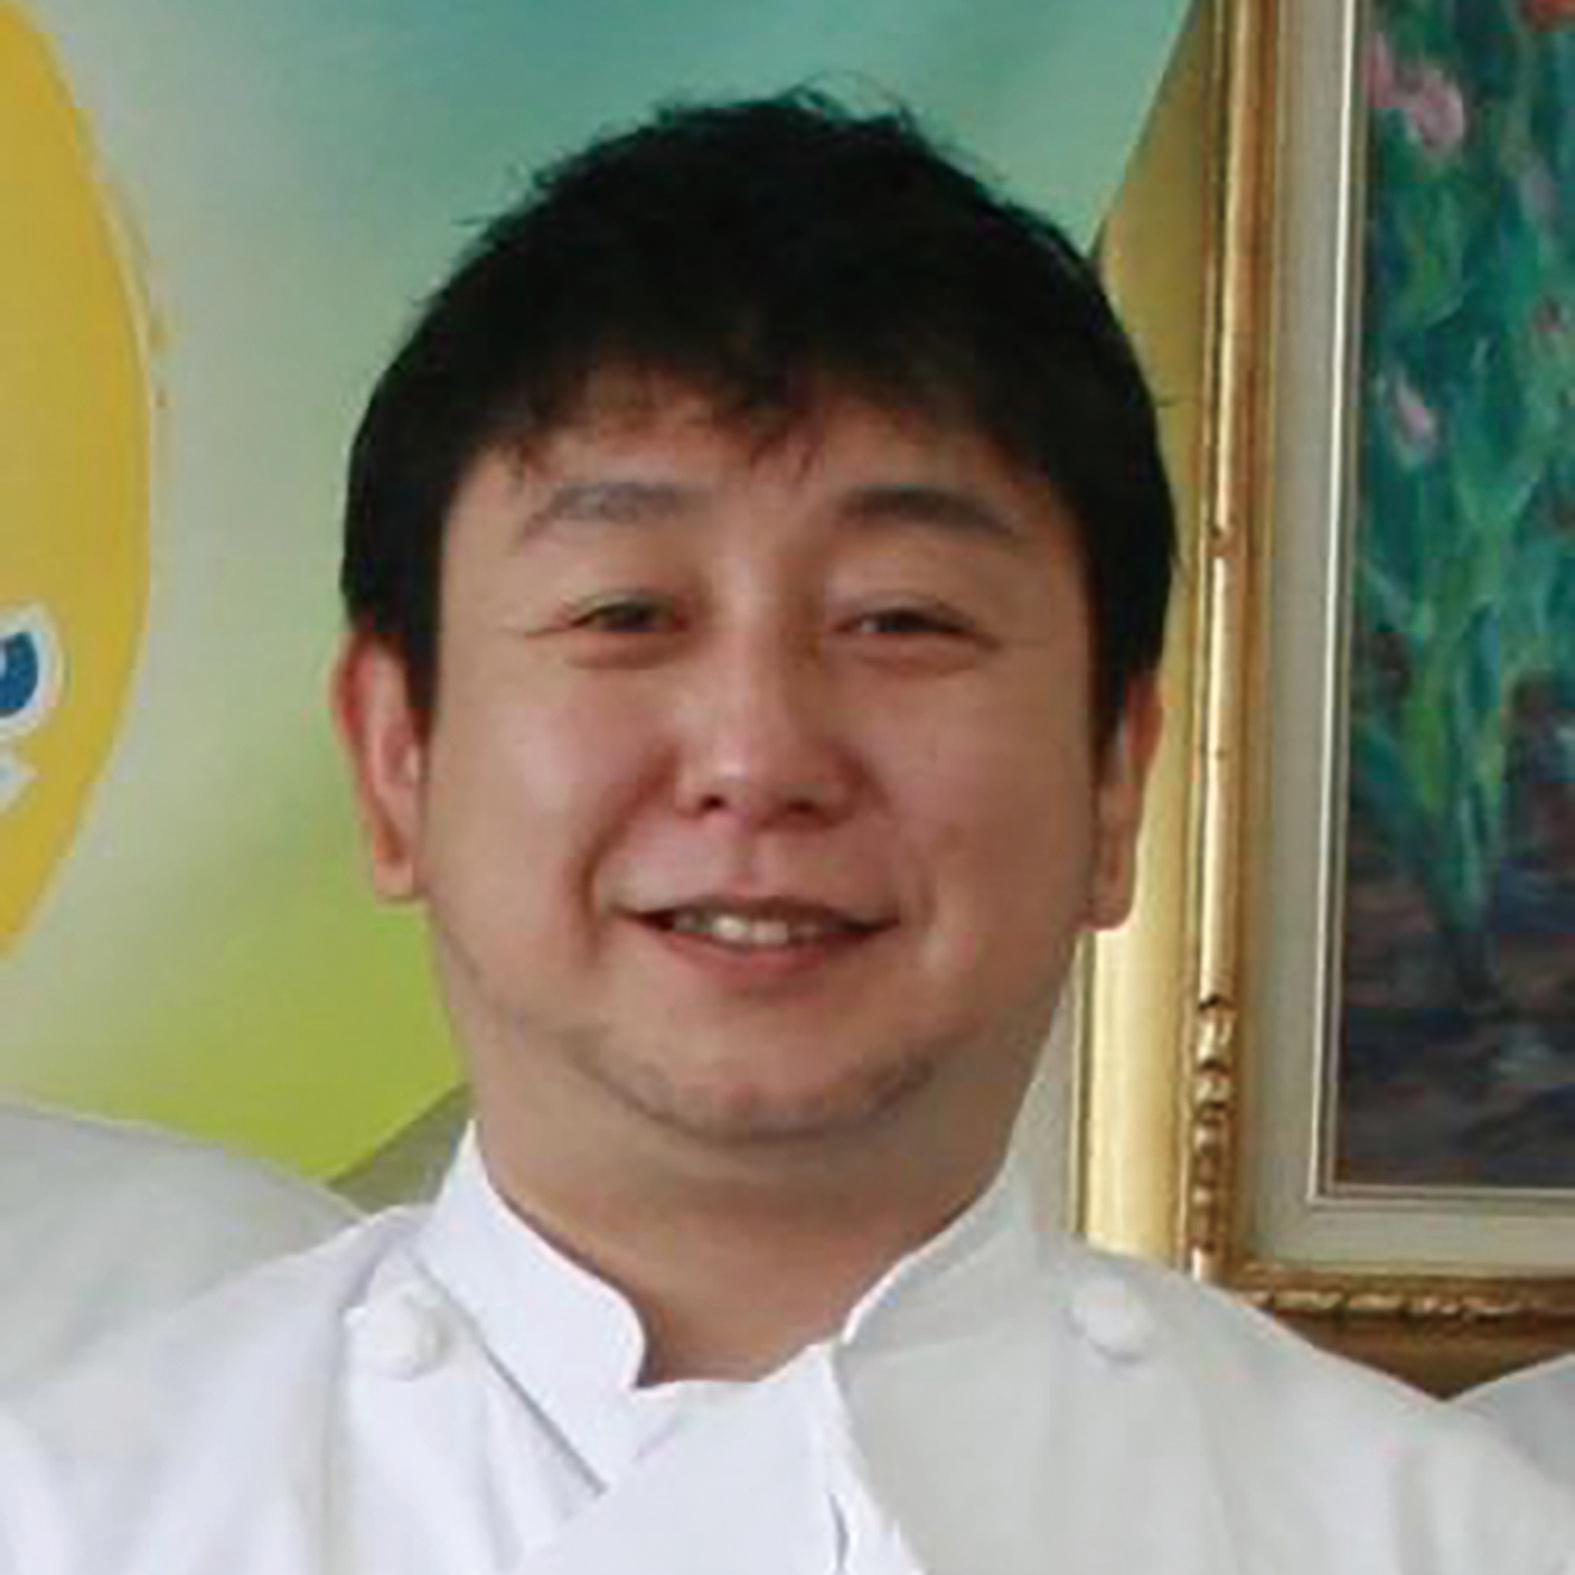 古屋 博幸(横浜市洋菓子協会)